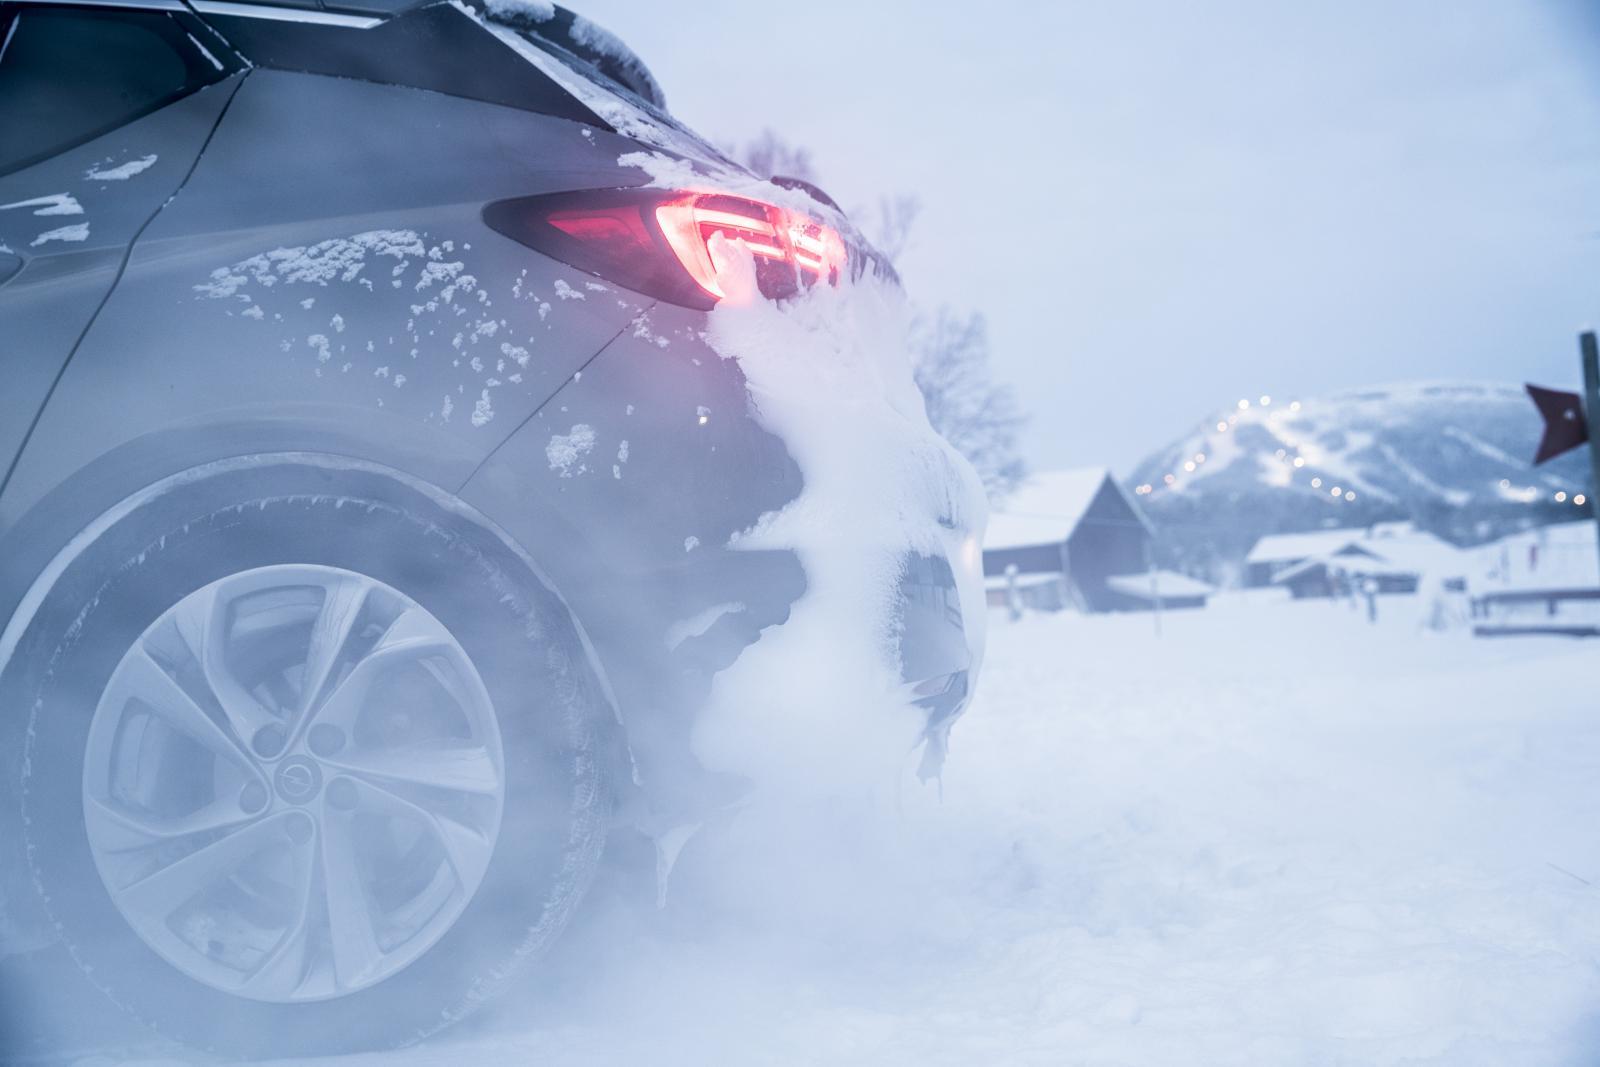 På vintern får värmarna ofta jobba hårt för att värma upp motorn.